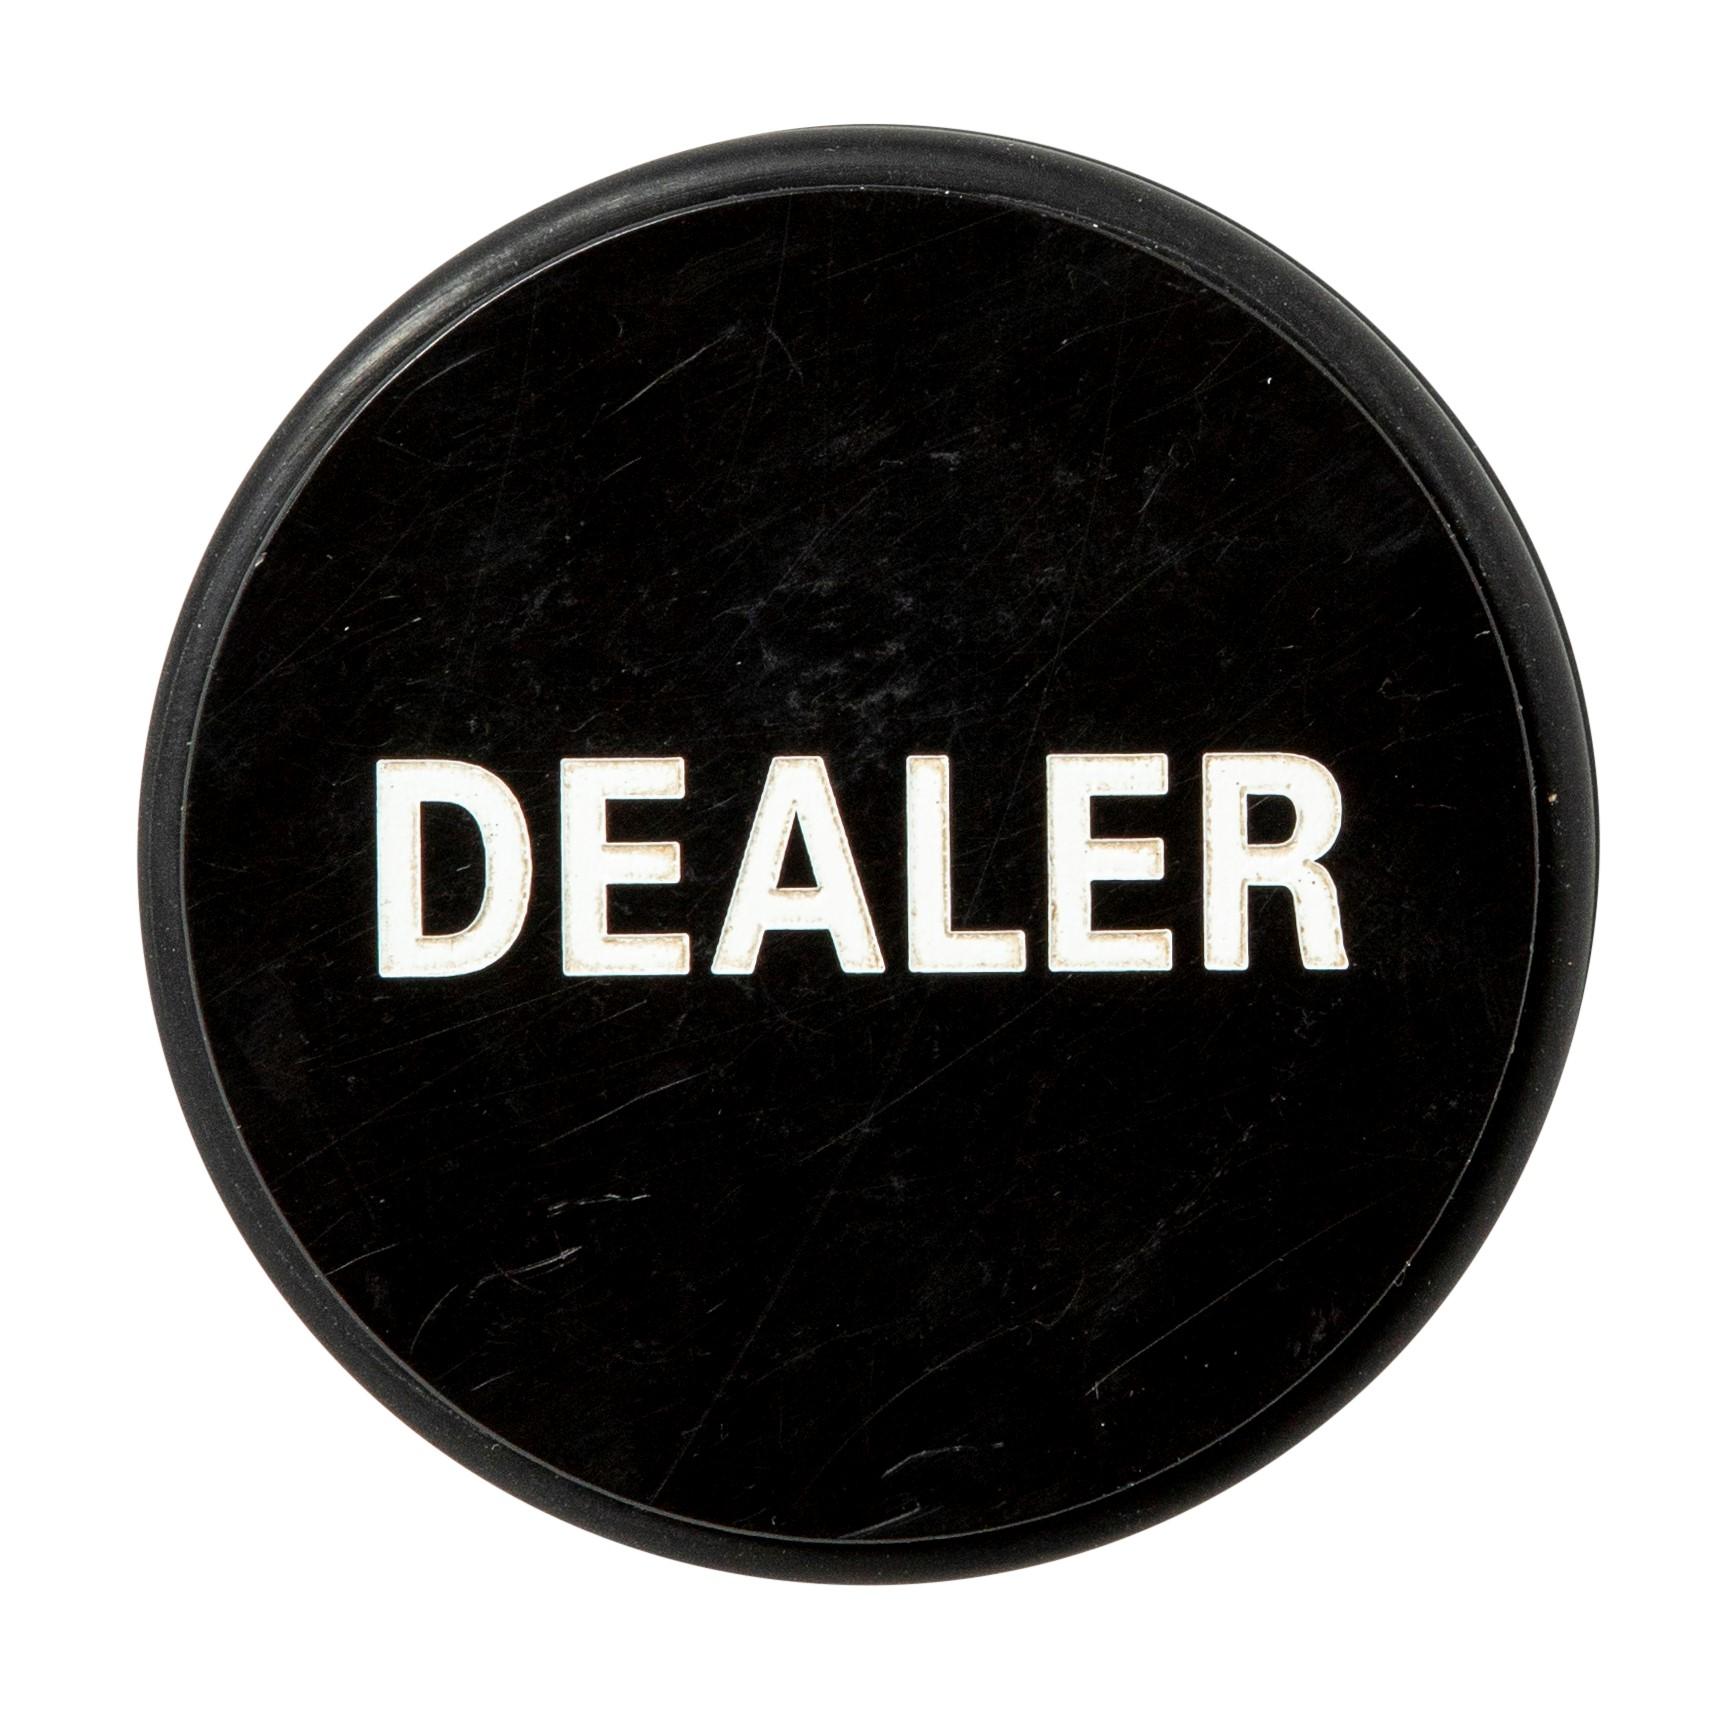 Dealerbutton ONK Poker